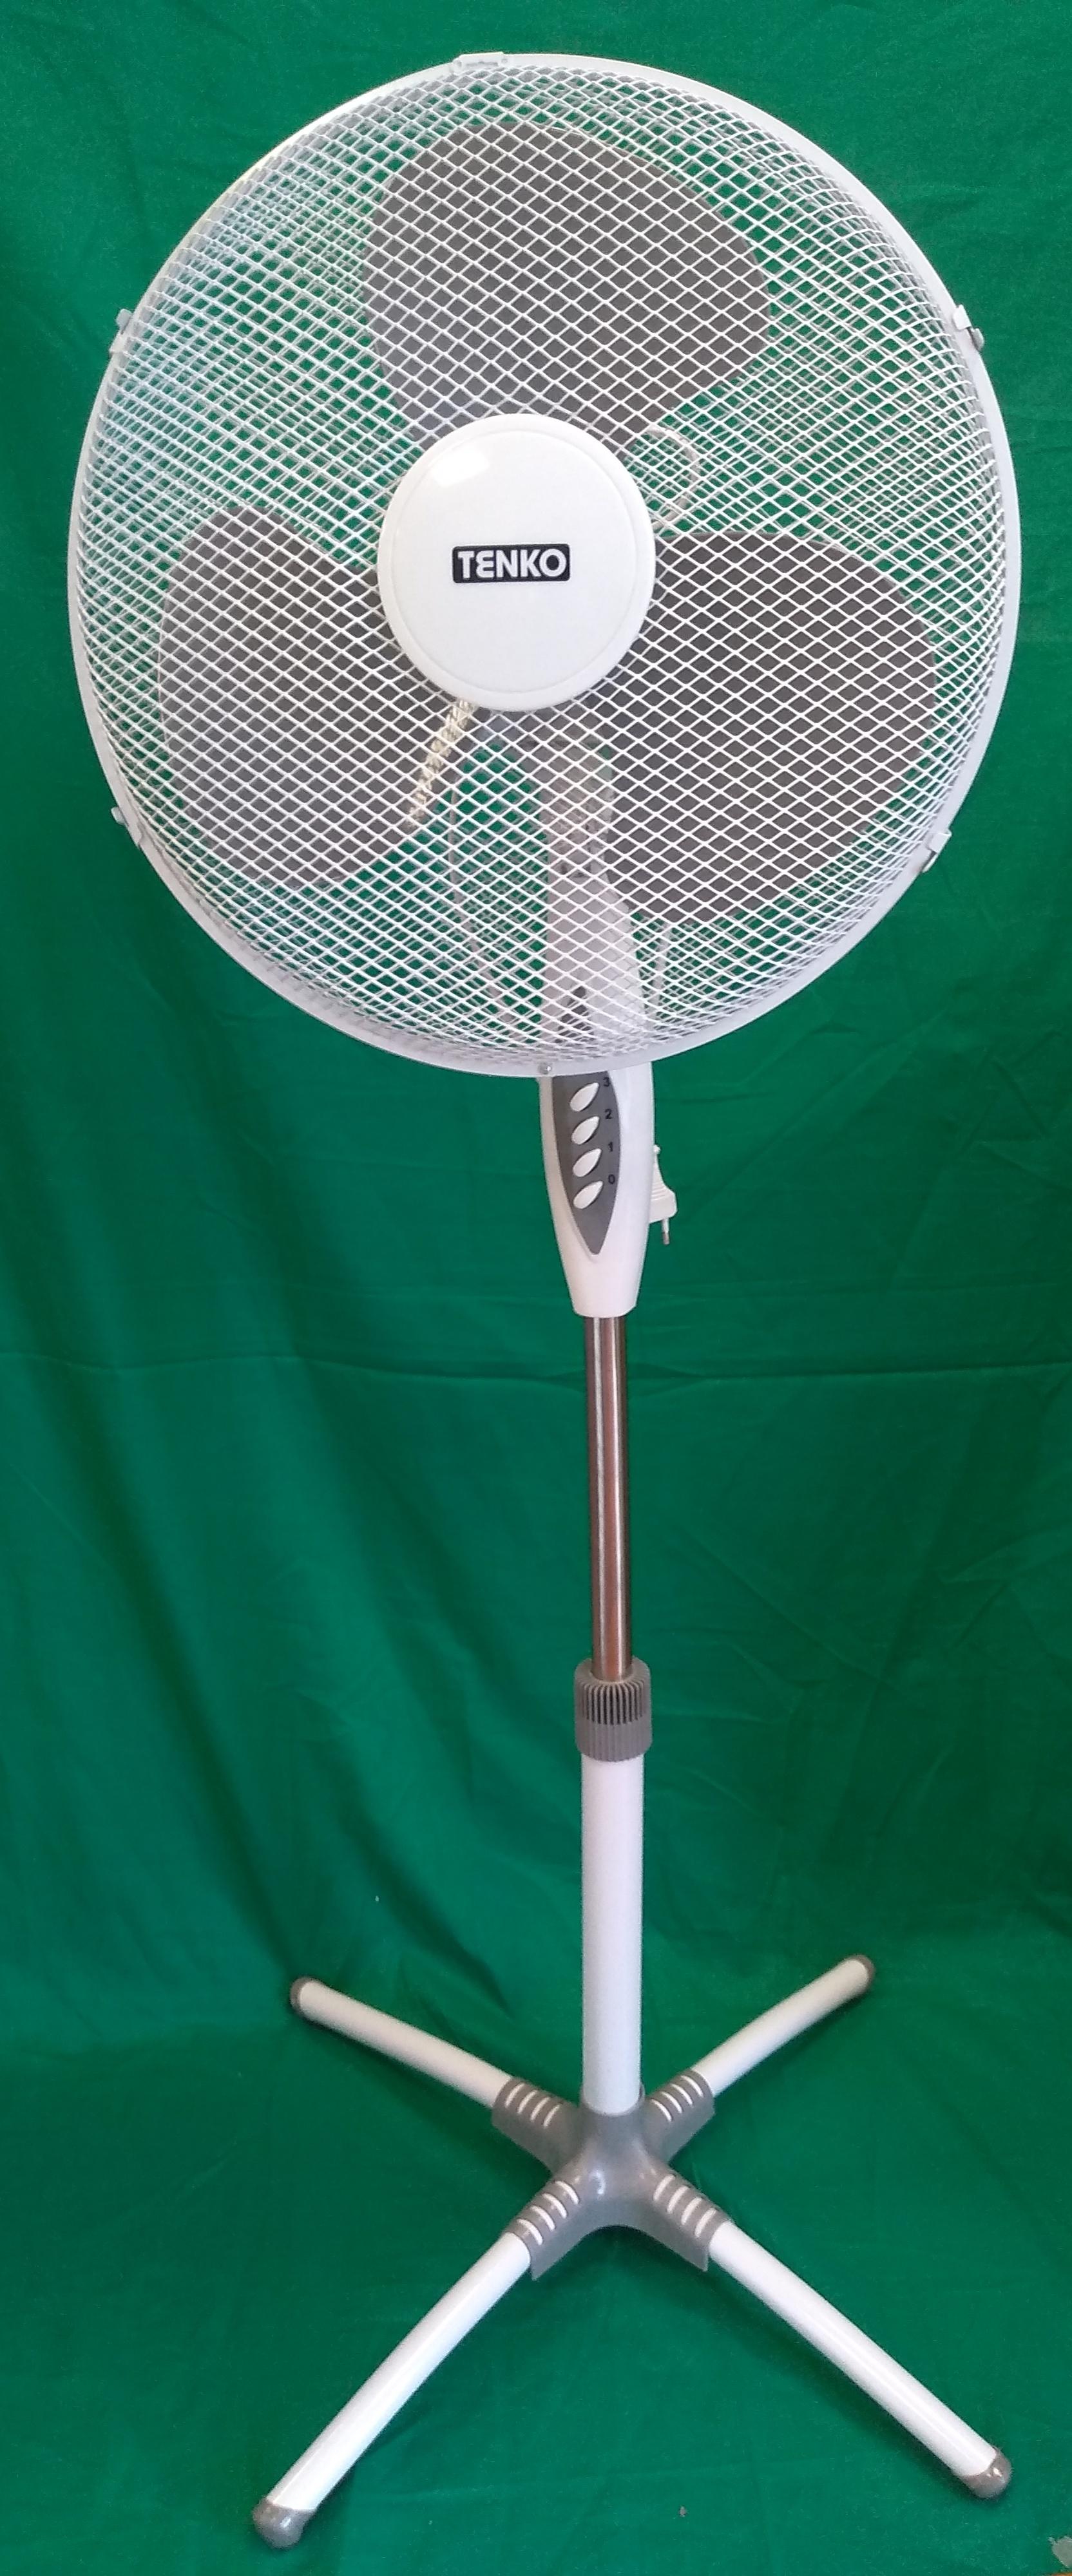 Tenko álló ventillátor, kiemelt kép